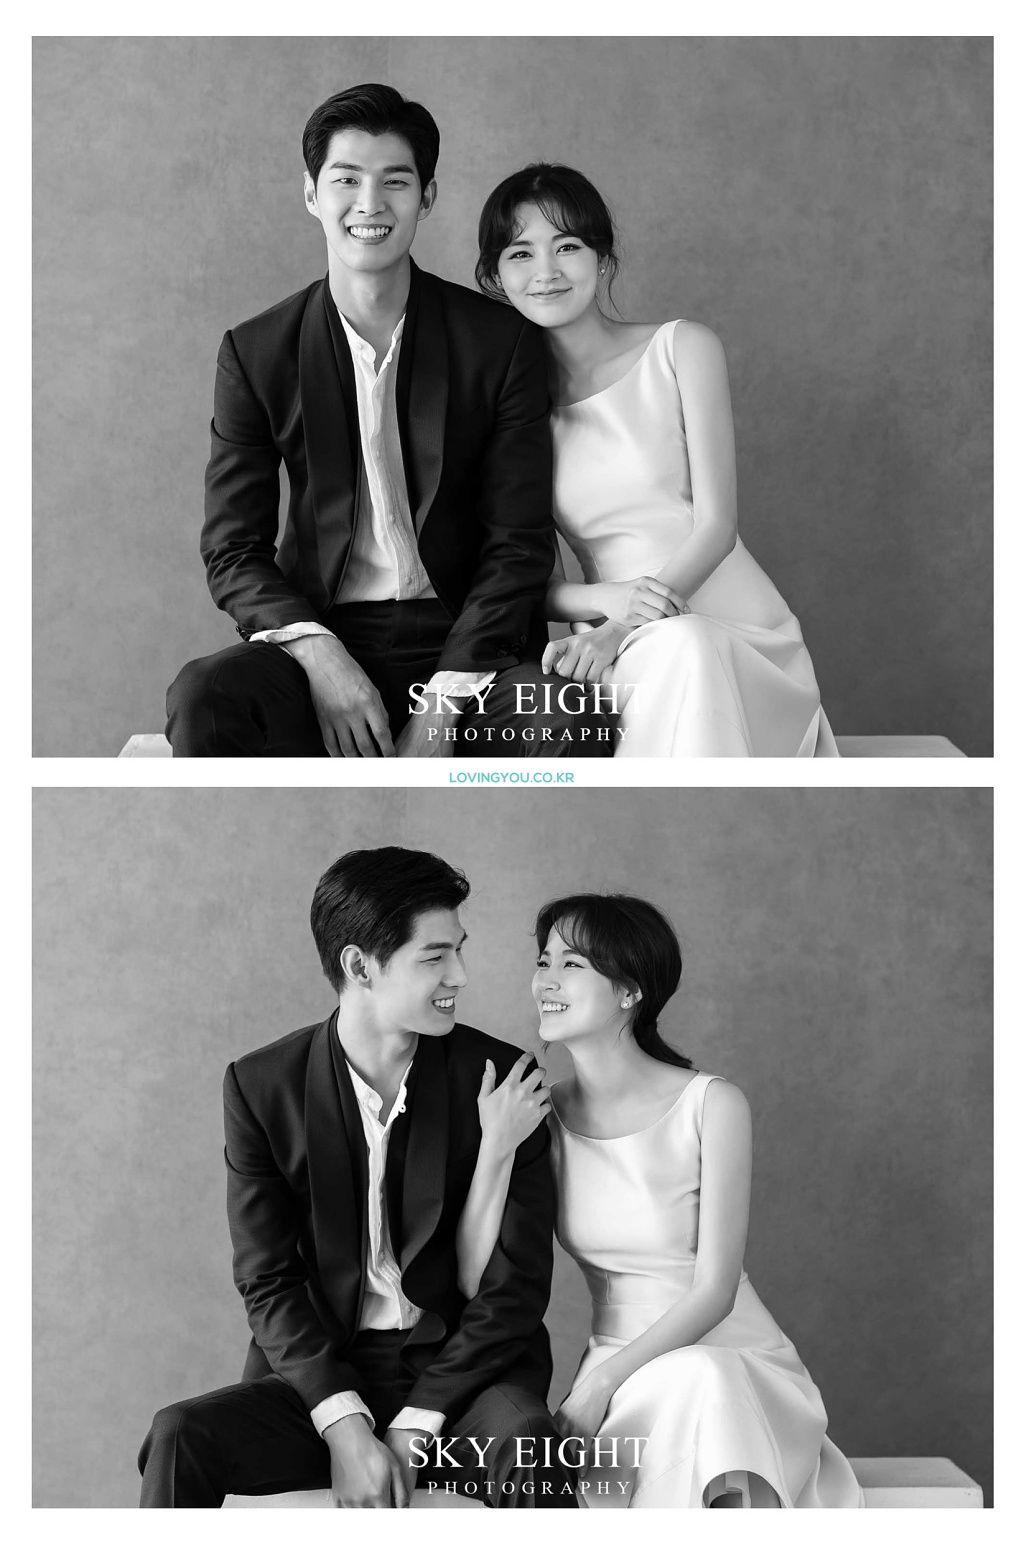 SKY8 [LU:V] - KOREA PRE WEDDING PHOTOSHOOT by LOVINGYOU